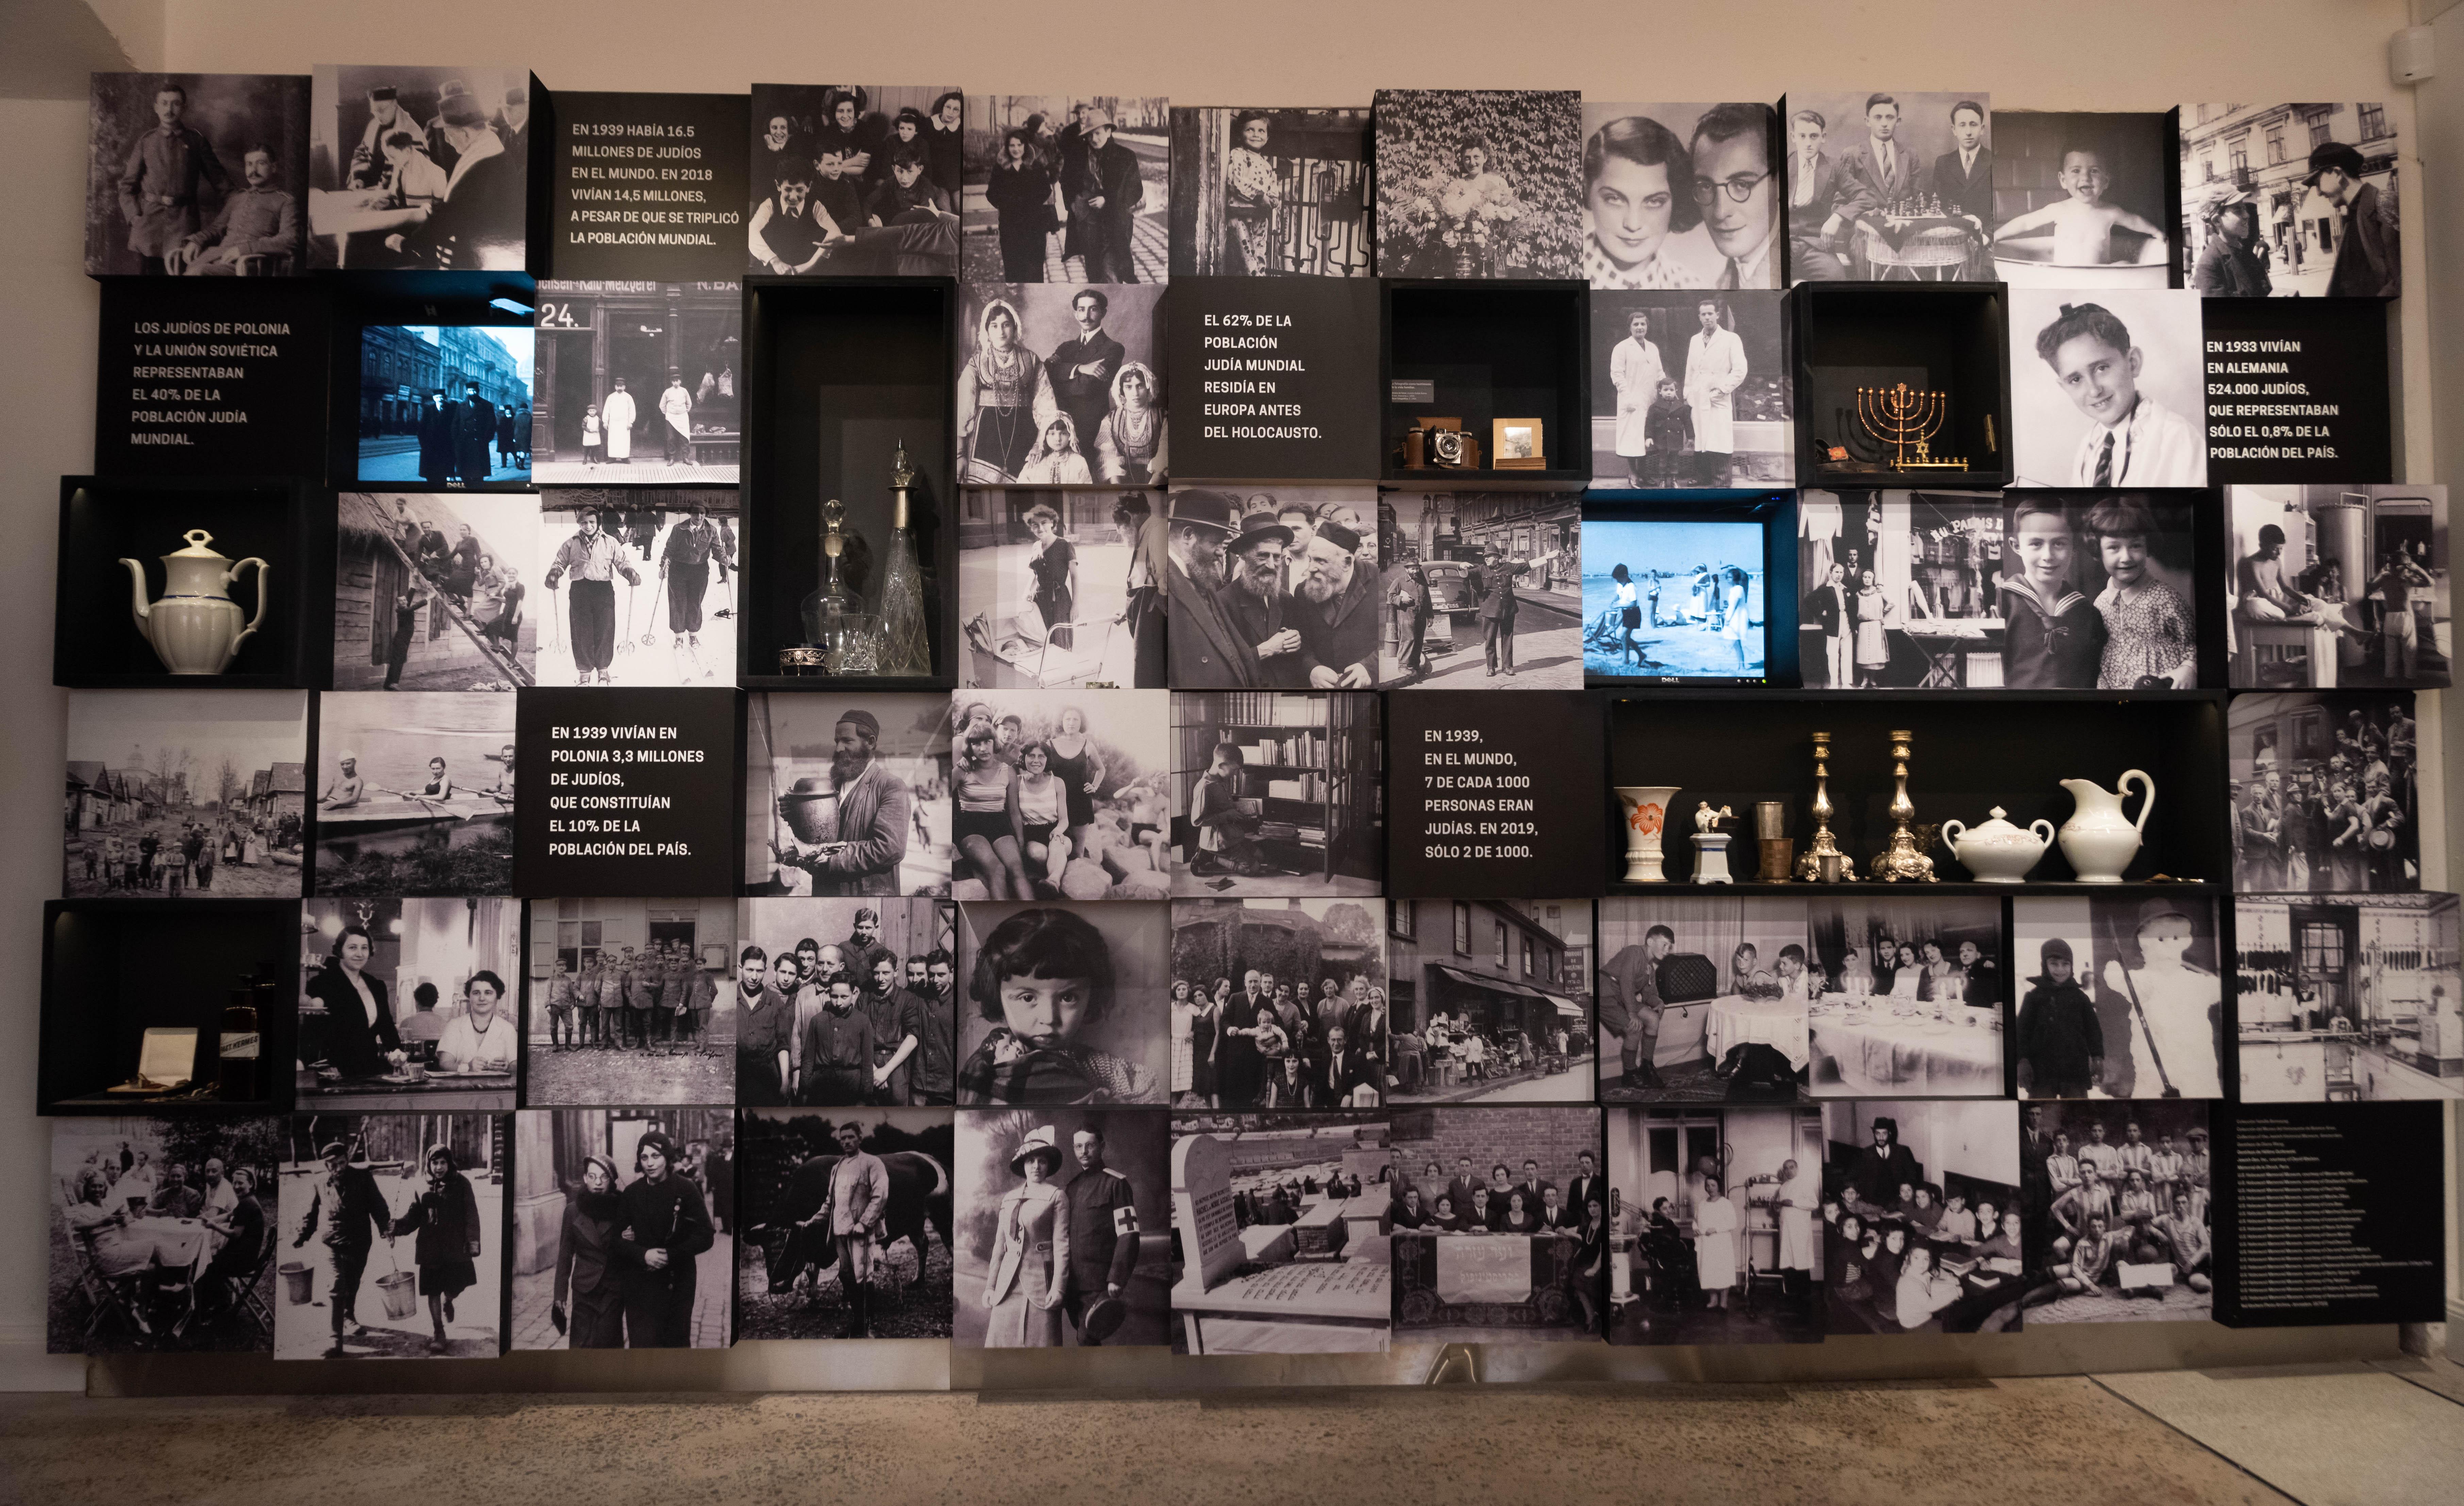 La primera imagen de la muestra transmite cómo era la vida del pueblo judío antes del Holocausto: su diversidad de factores, el grado de asimilación en la dinámica diaria y su ensamblaje en la sociedad. Un cartel retrata el antes con estadísticas: previo a la guerra, en Alemania vivían 524.000 judíos, apenas un pequeño porcentaje de la población alemana, y en Polonia, 3,3 millones, el 10% de los ciudadanos del país.